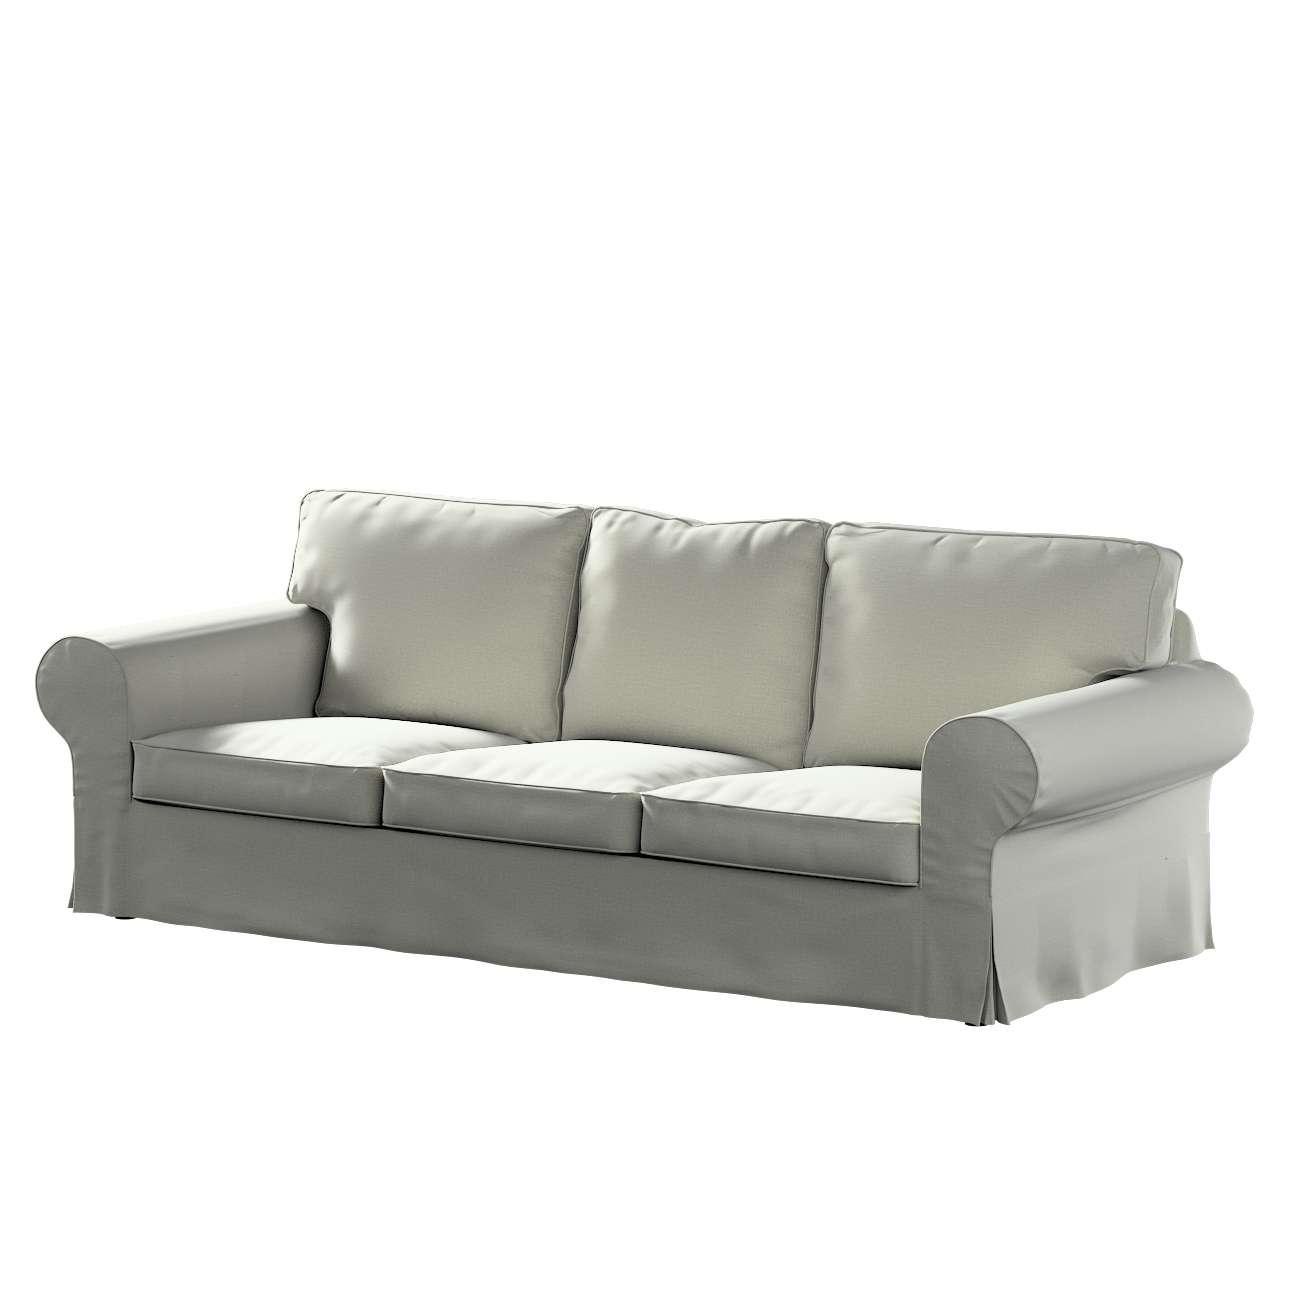 Pokrowiec na sofę Ektorp 3-osobową, nierozkładaną w kolekcji Ingrid, tkanina: 705-41